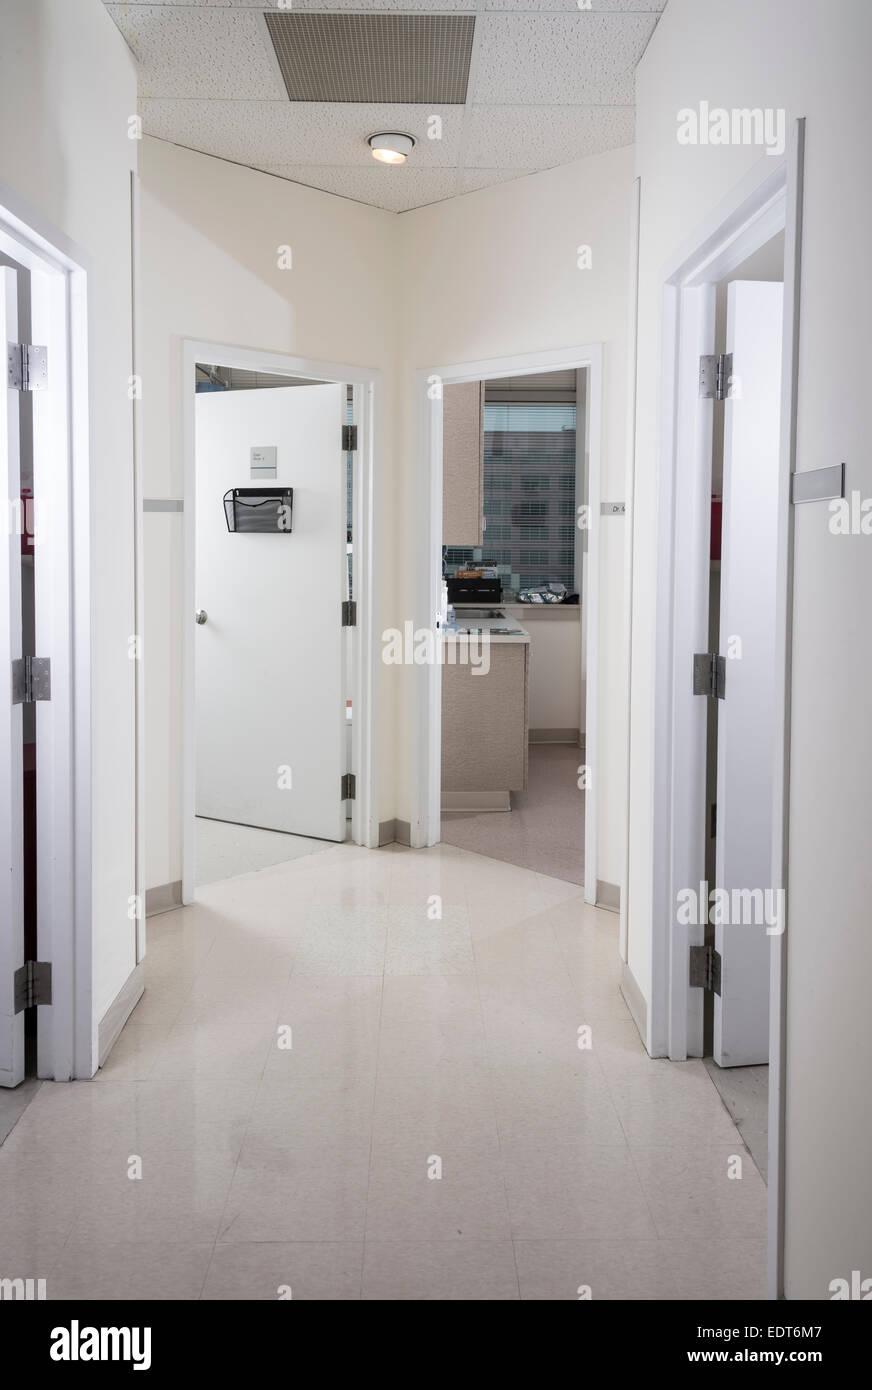 Corridoio con più porte Immagini Stock